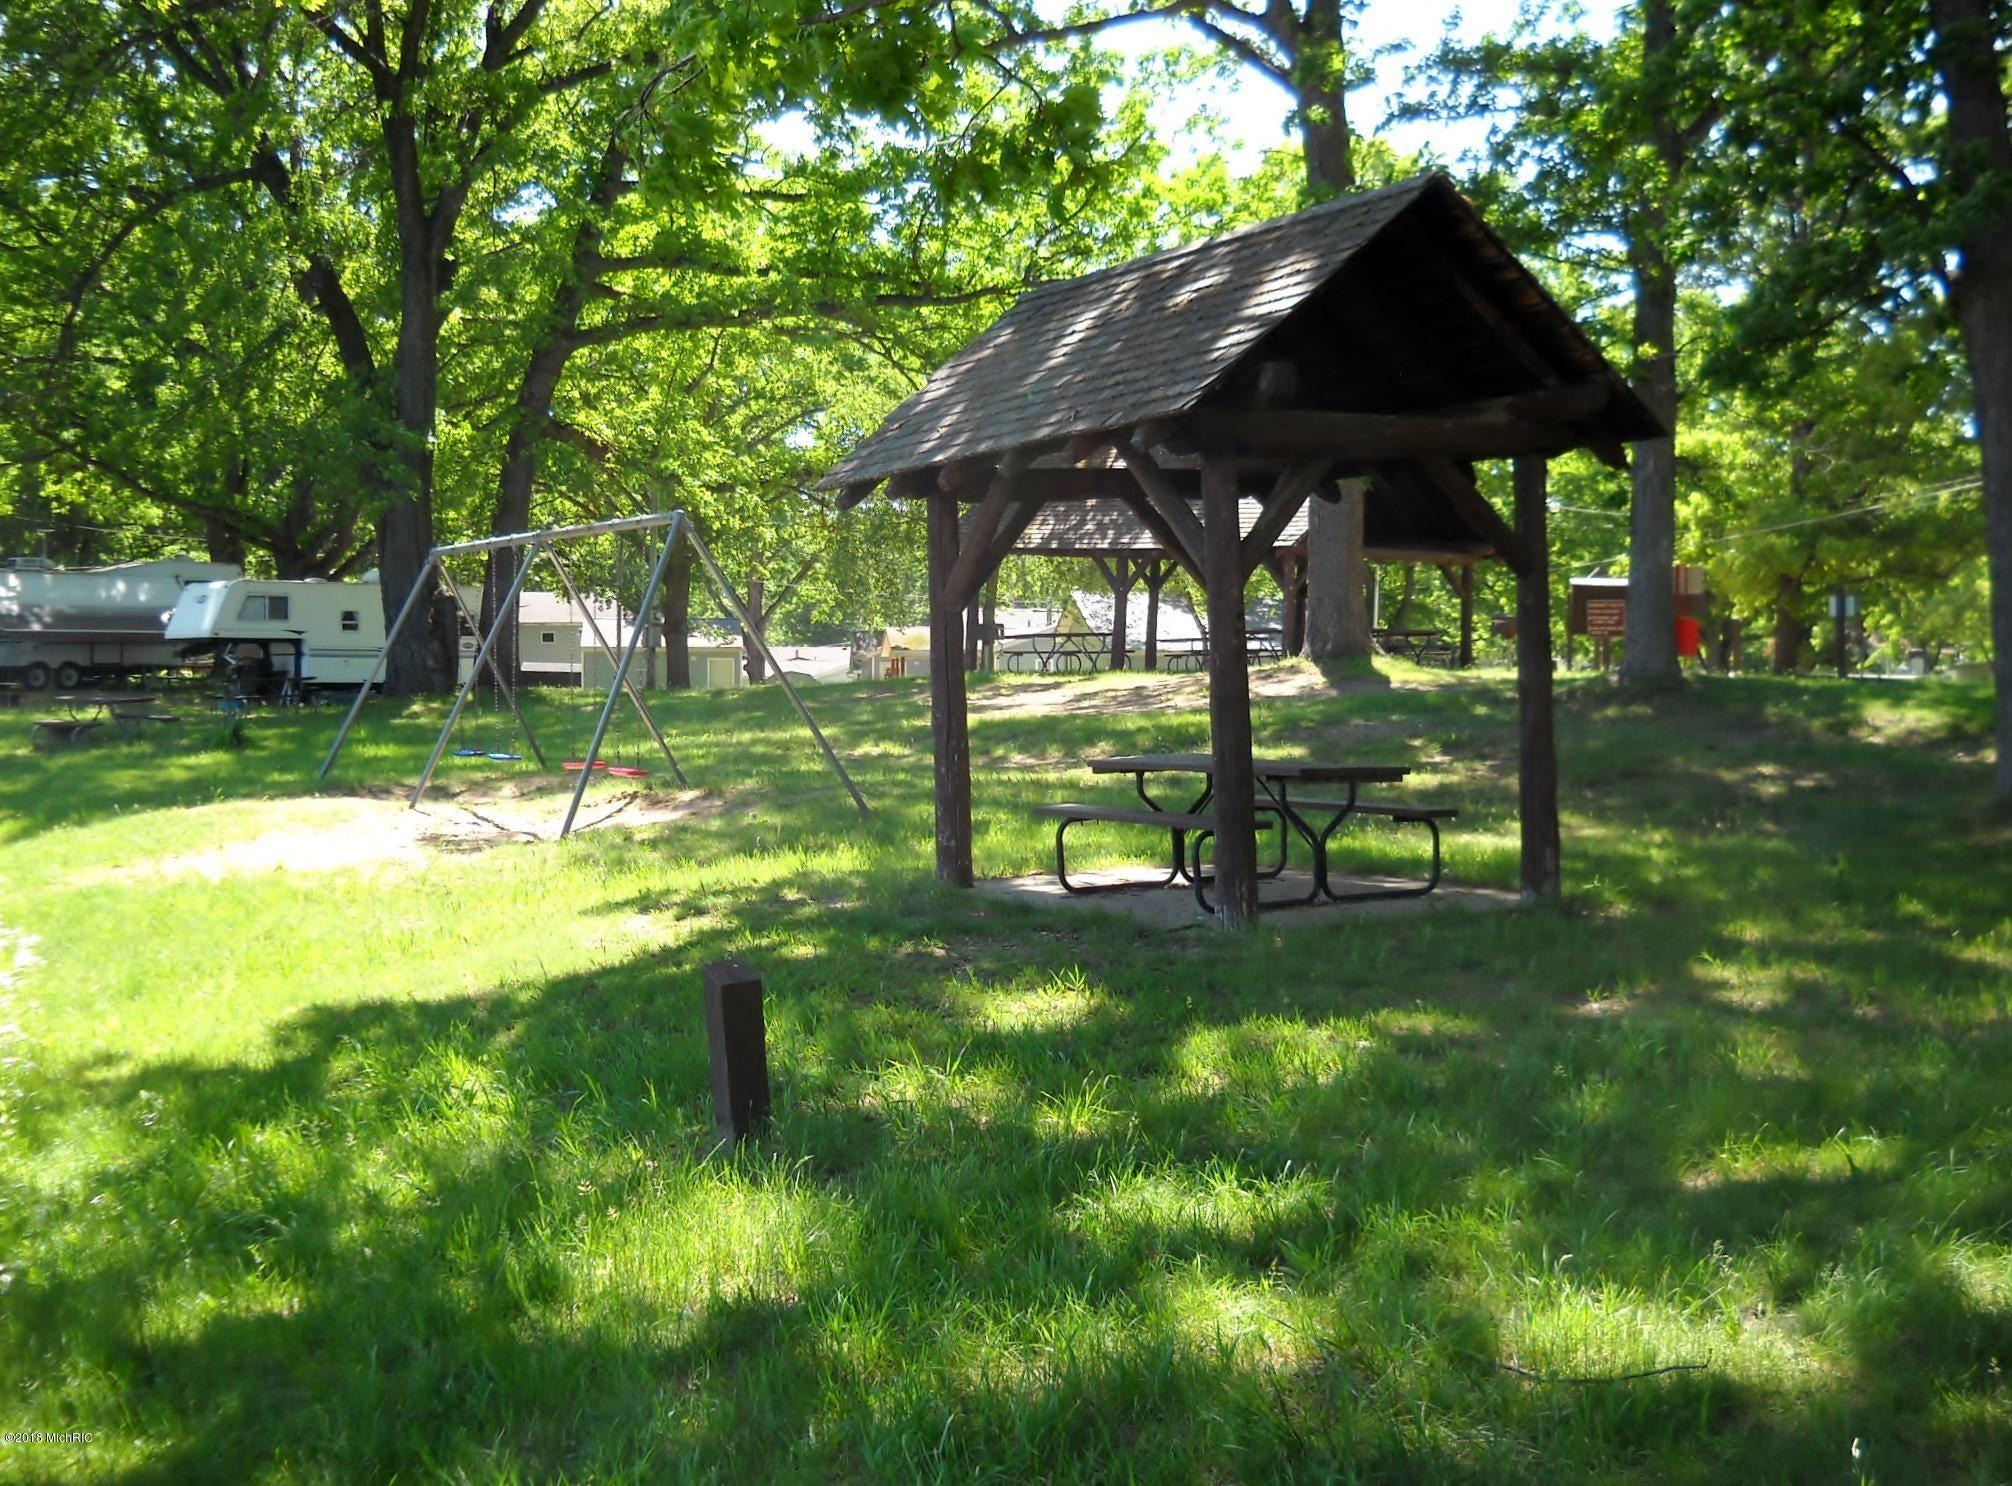 Township park